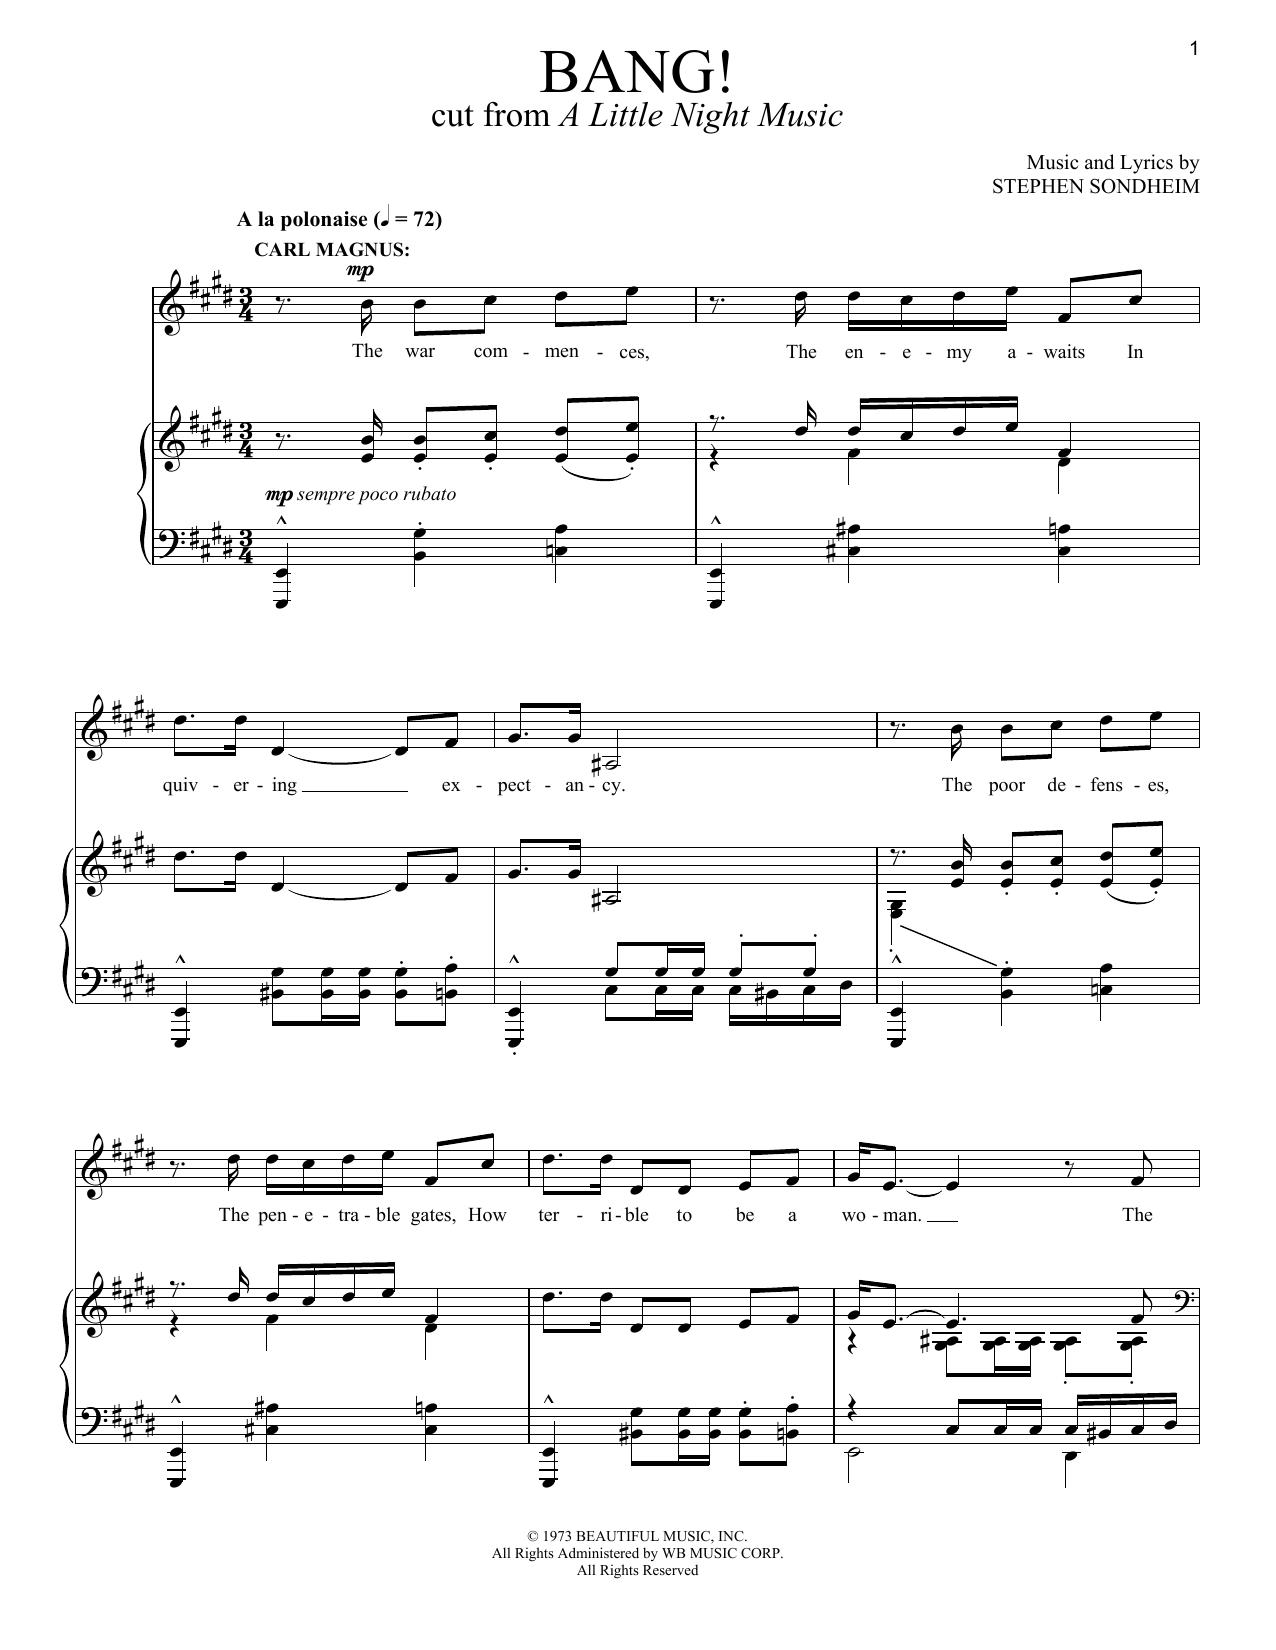 Stephen Sondheim Bang! sheet music notes and chords. Download Printable PDF.